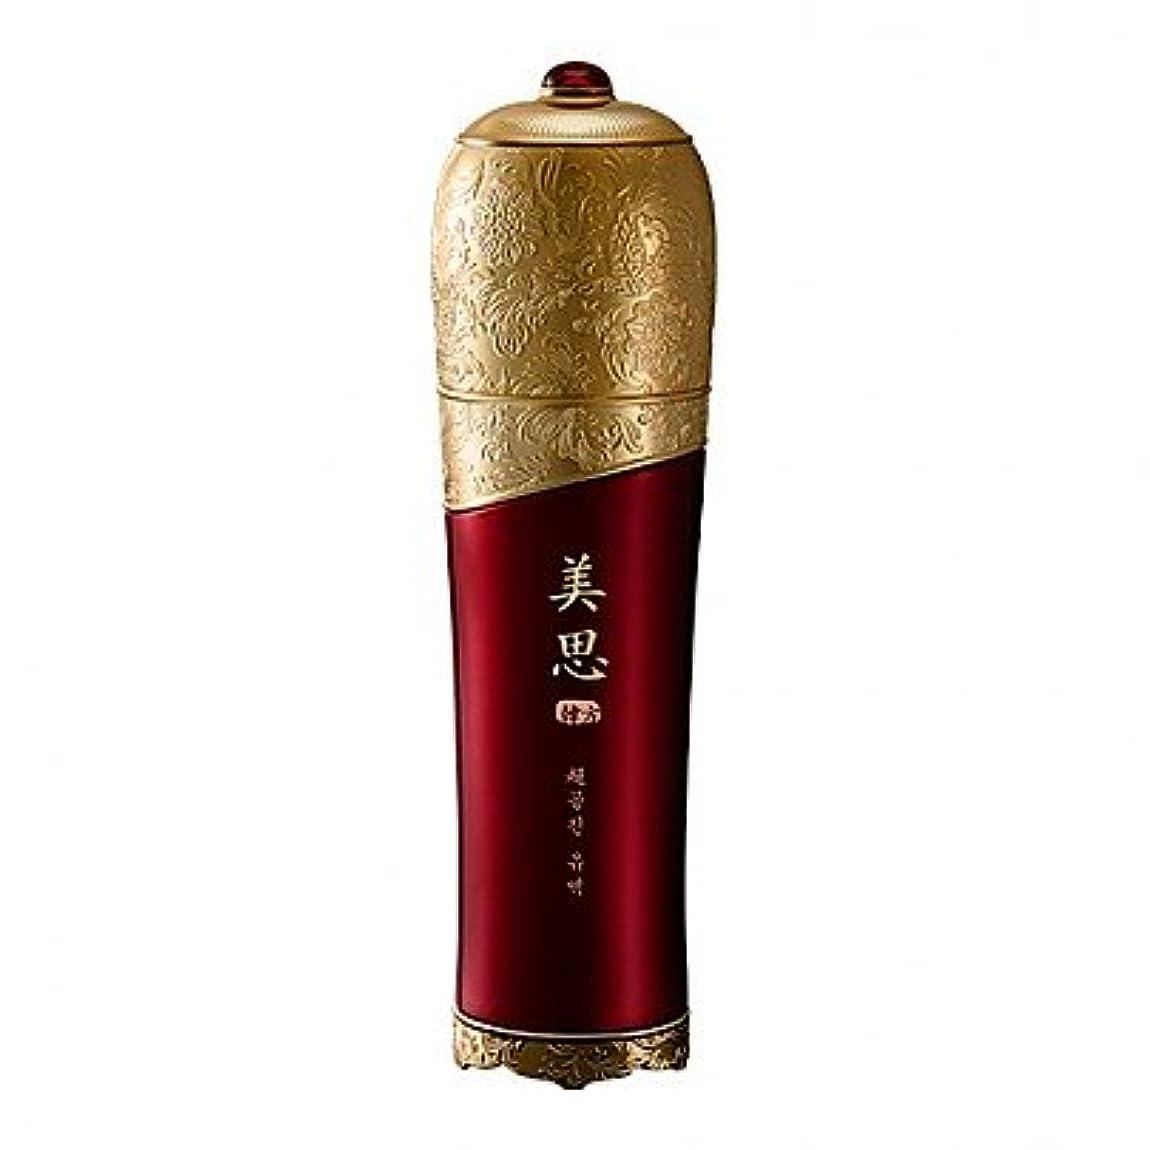 認知最後にお尻MISSHA/ミシャ チョゴンジン 乳液 (旧チョボヤン) 125ml[海外直送品]